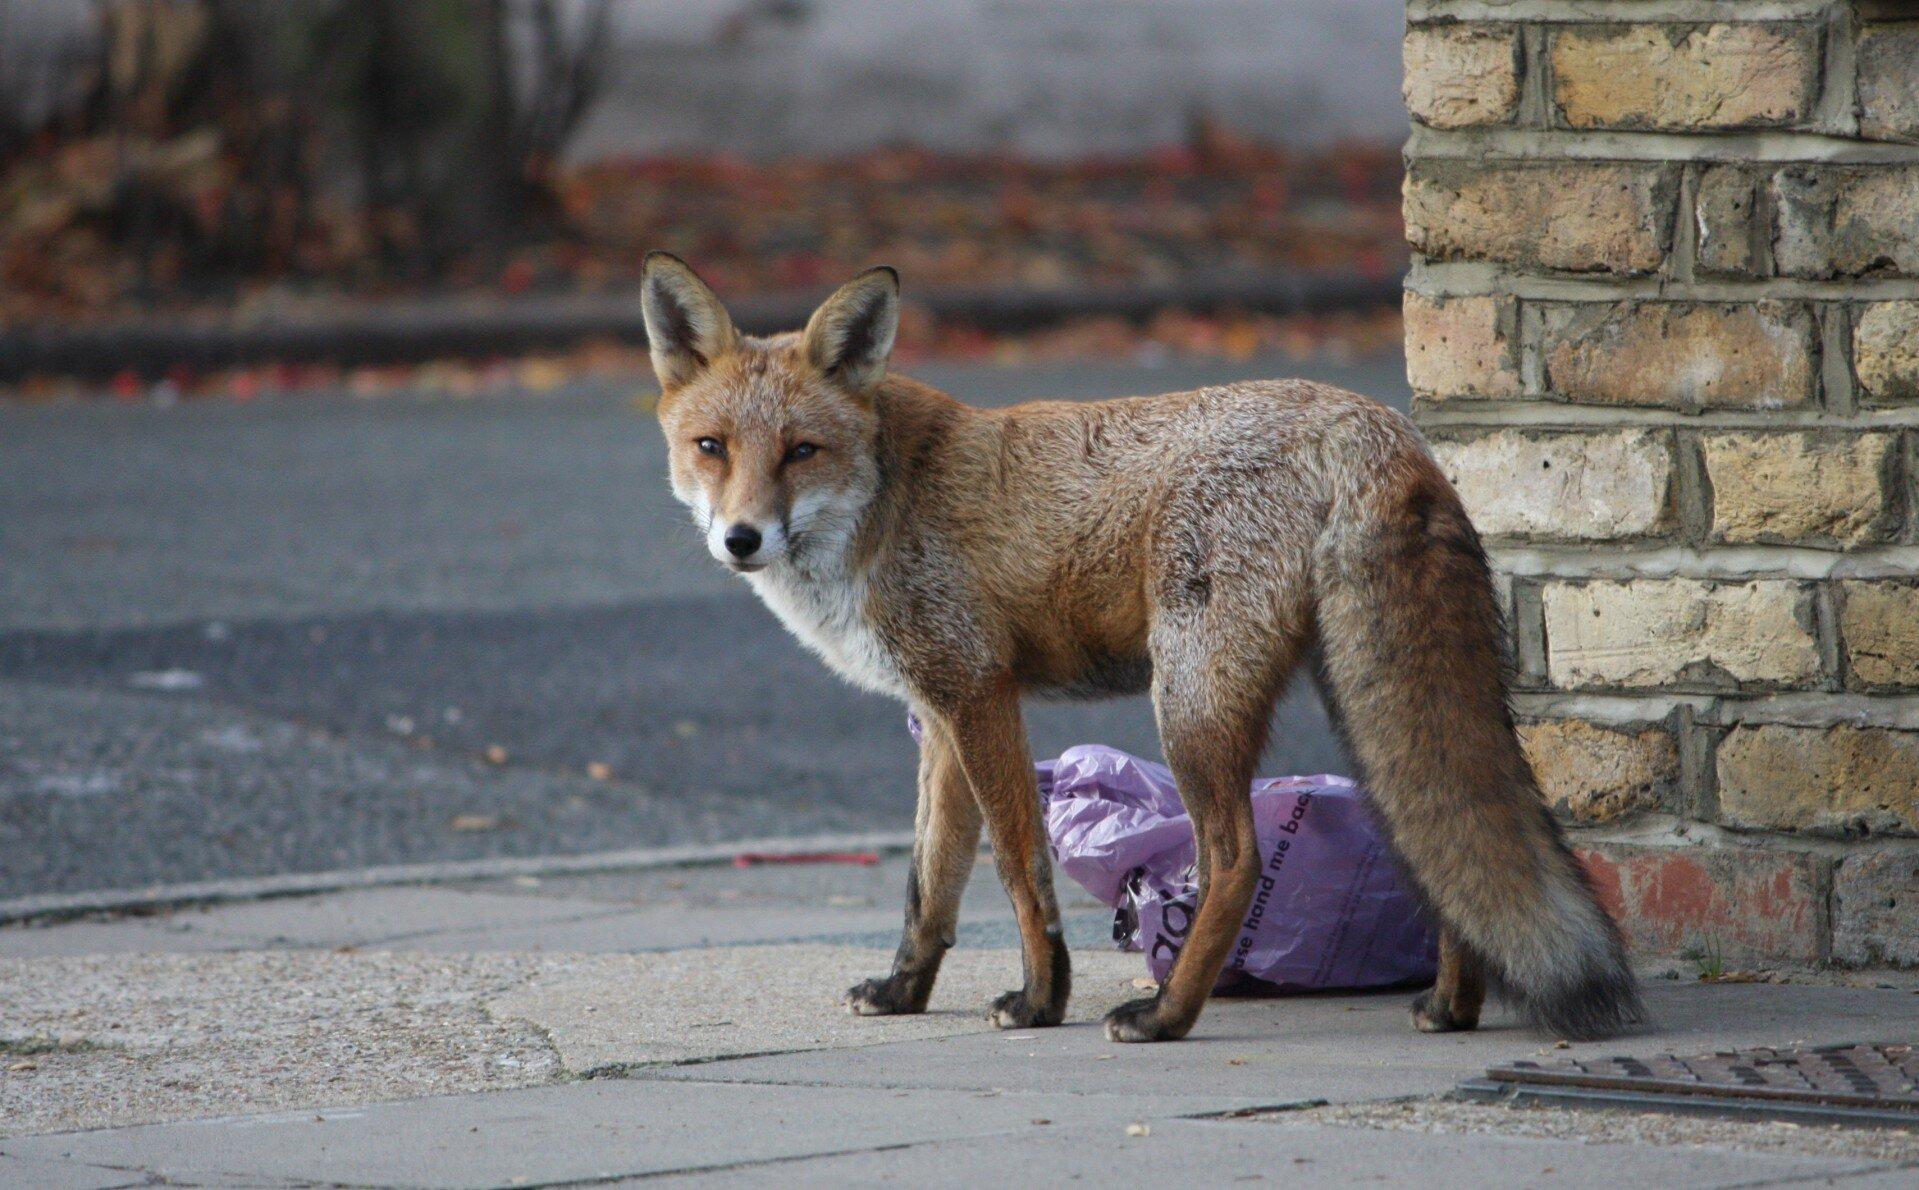 fox-in-the-street.jpg